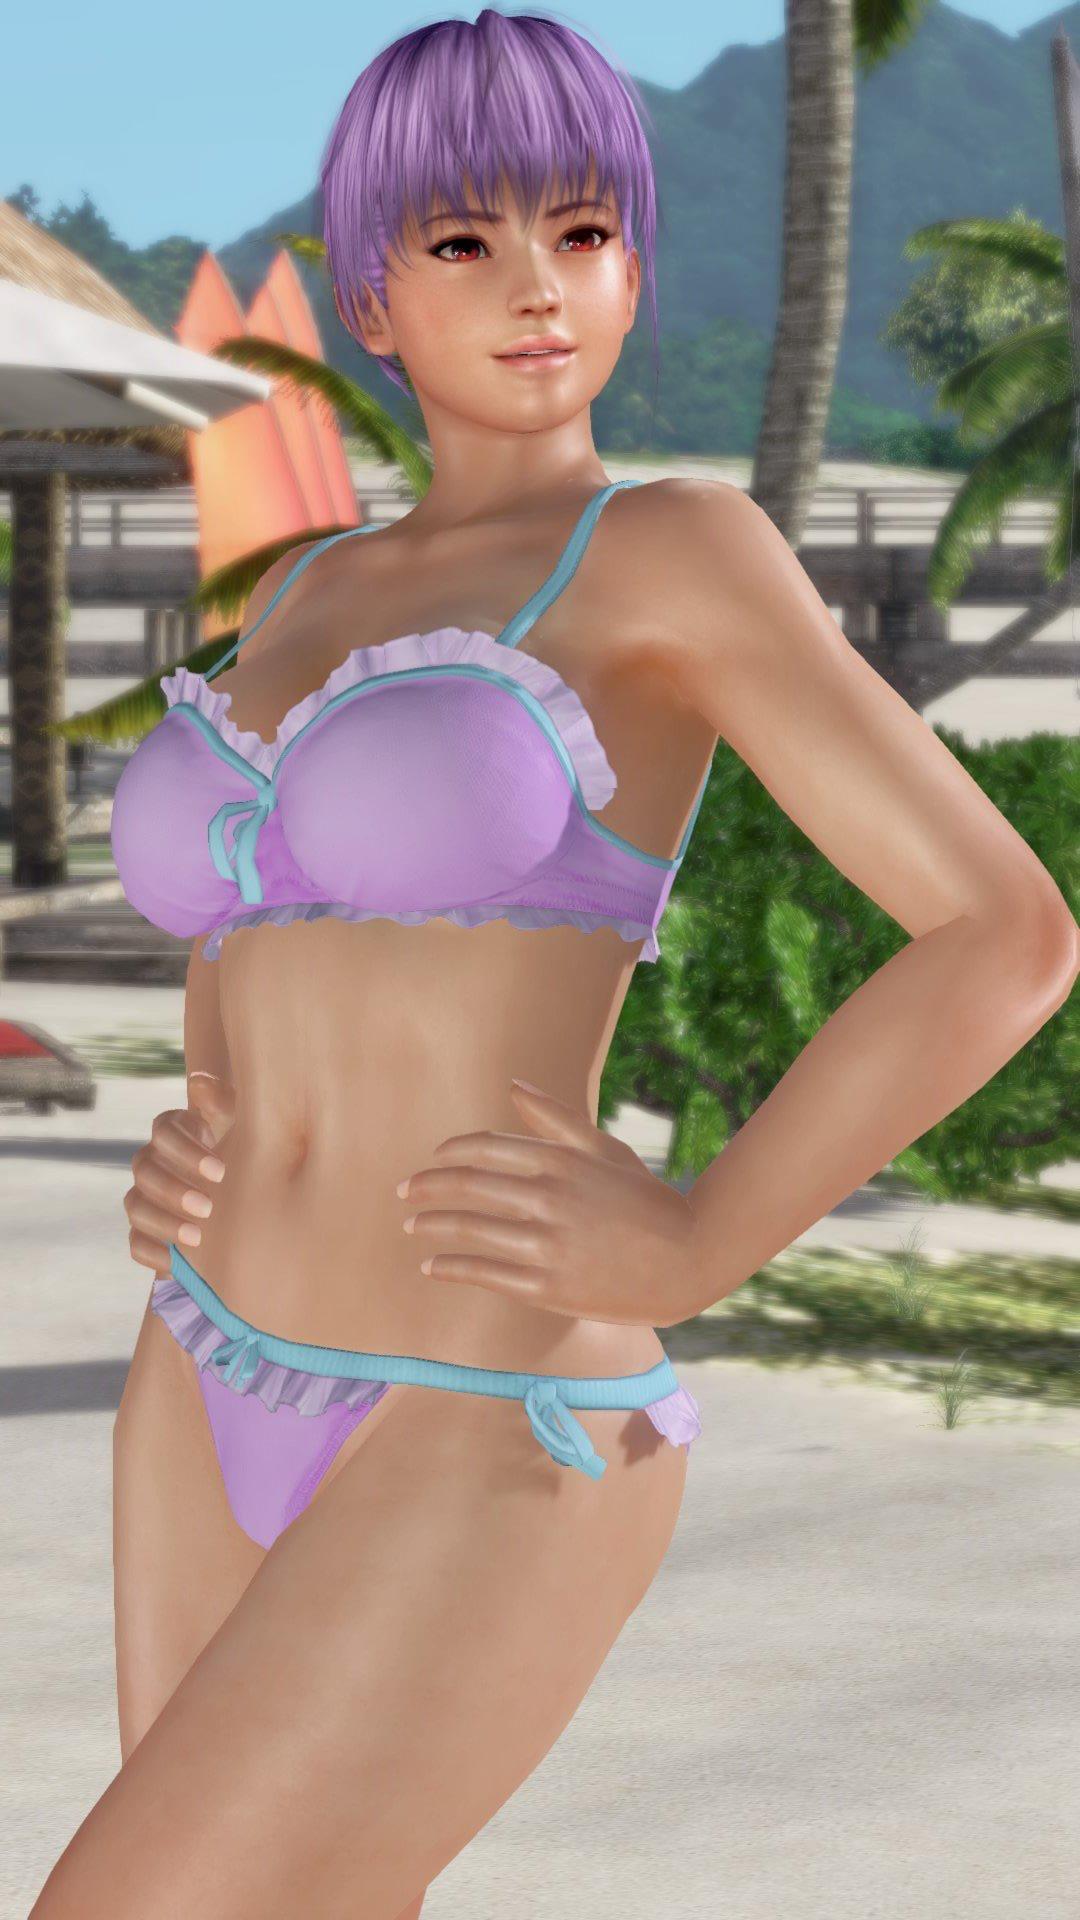 Bikini video game